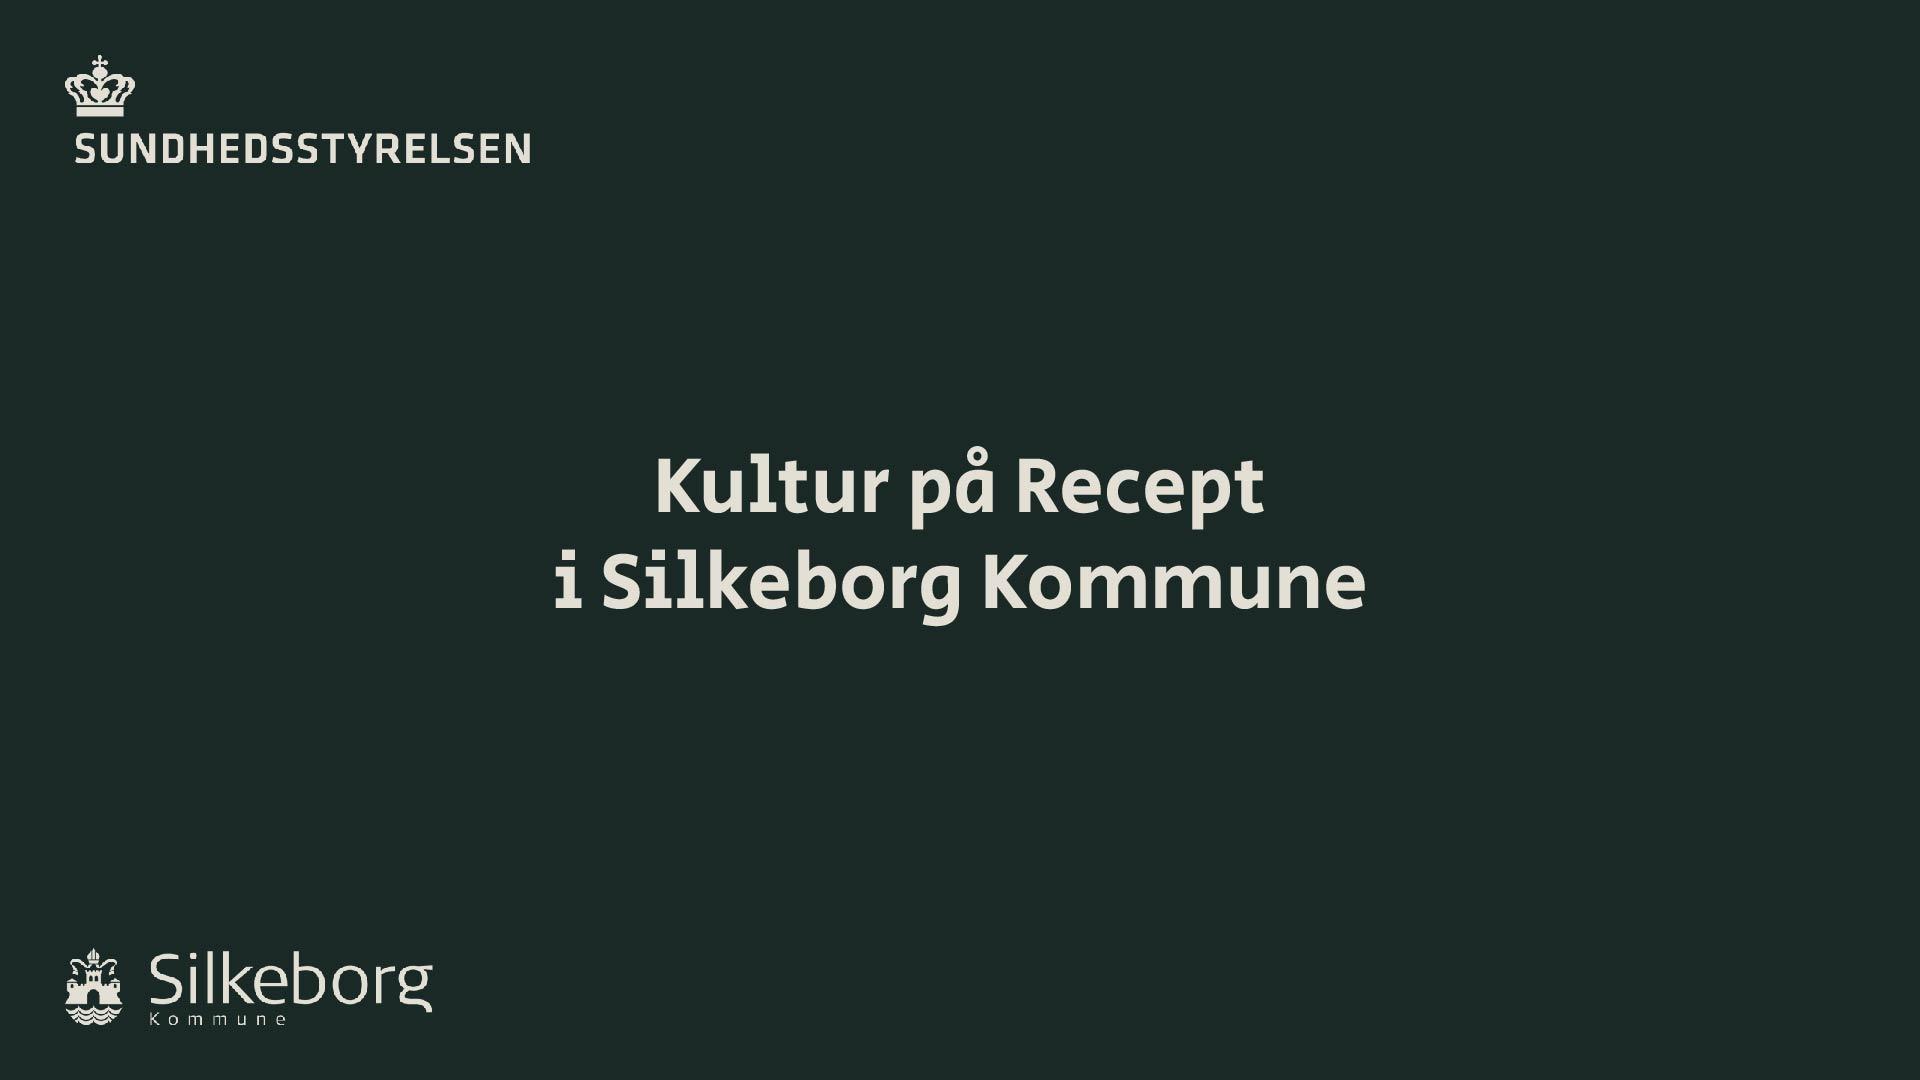 Silkeborg Kommune